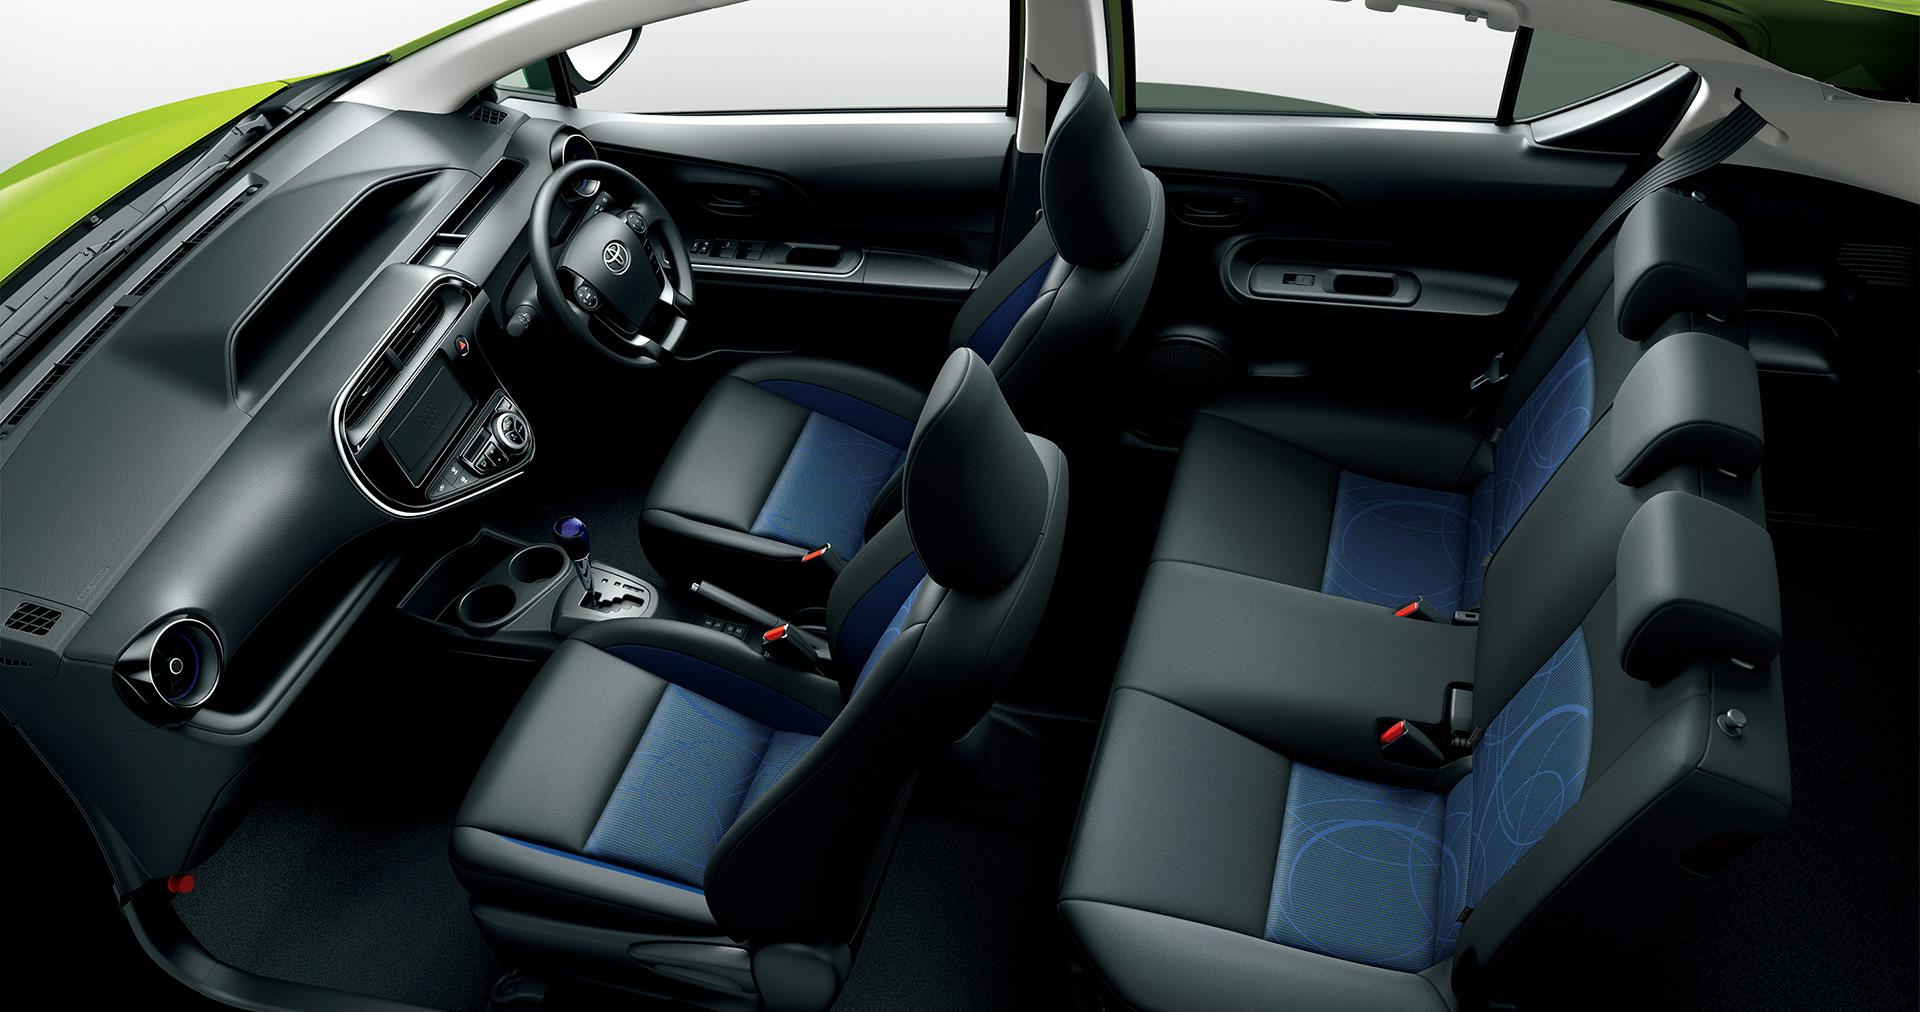 「トヨタ・アクアに「クロスオーバー」を設定。JC08モード燃費も38.0km/Lに進化」の3枚目の画像